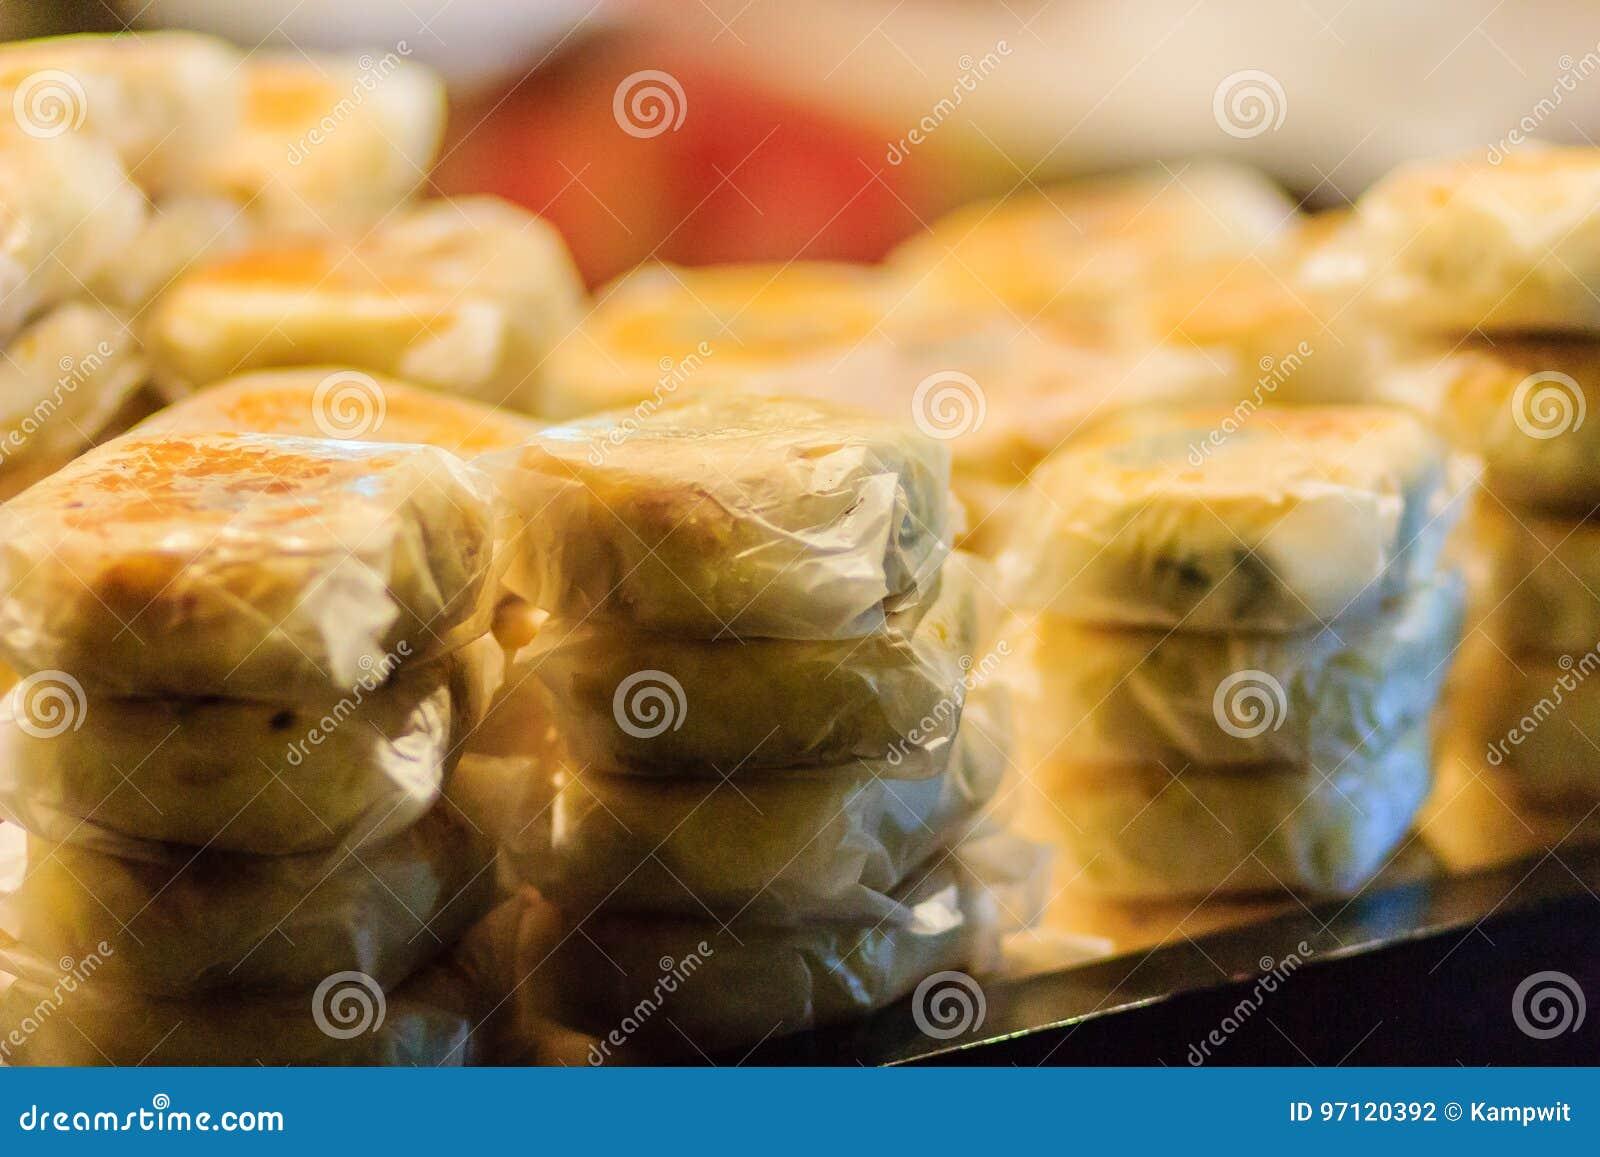 Księżyc tort lub Chiński antyczny deser dzwoniliśmy  Pia , antyczny desser